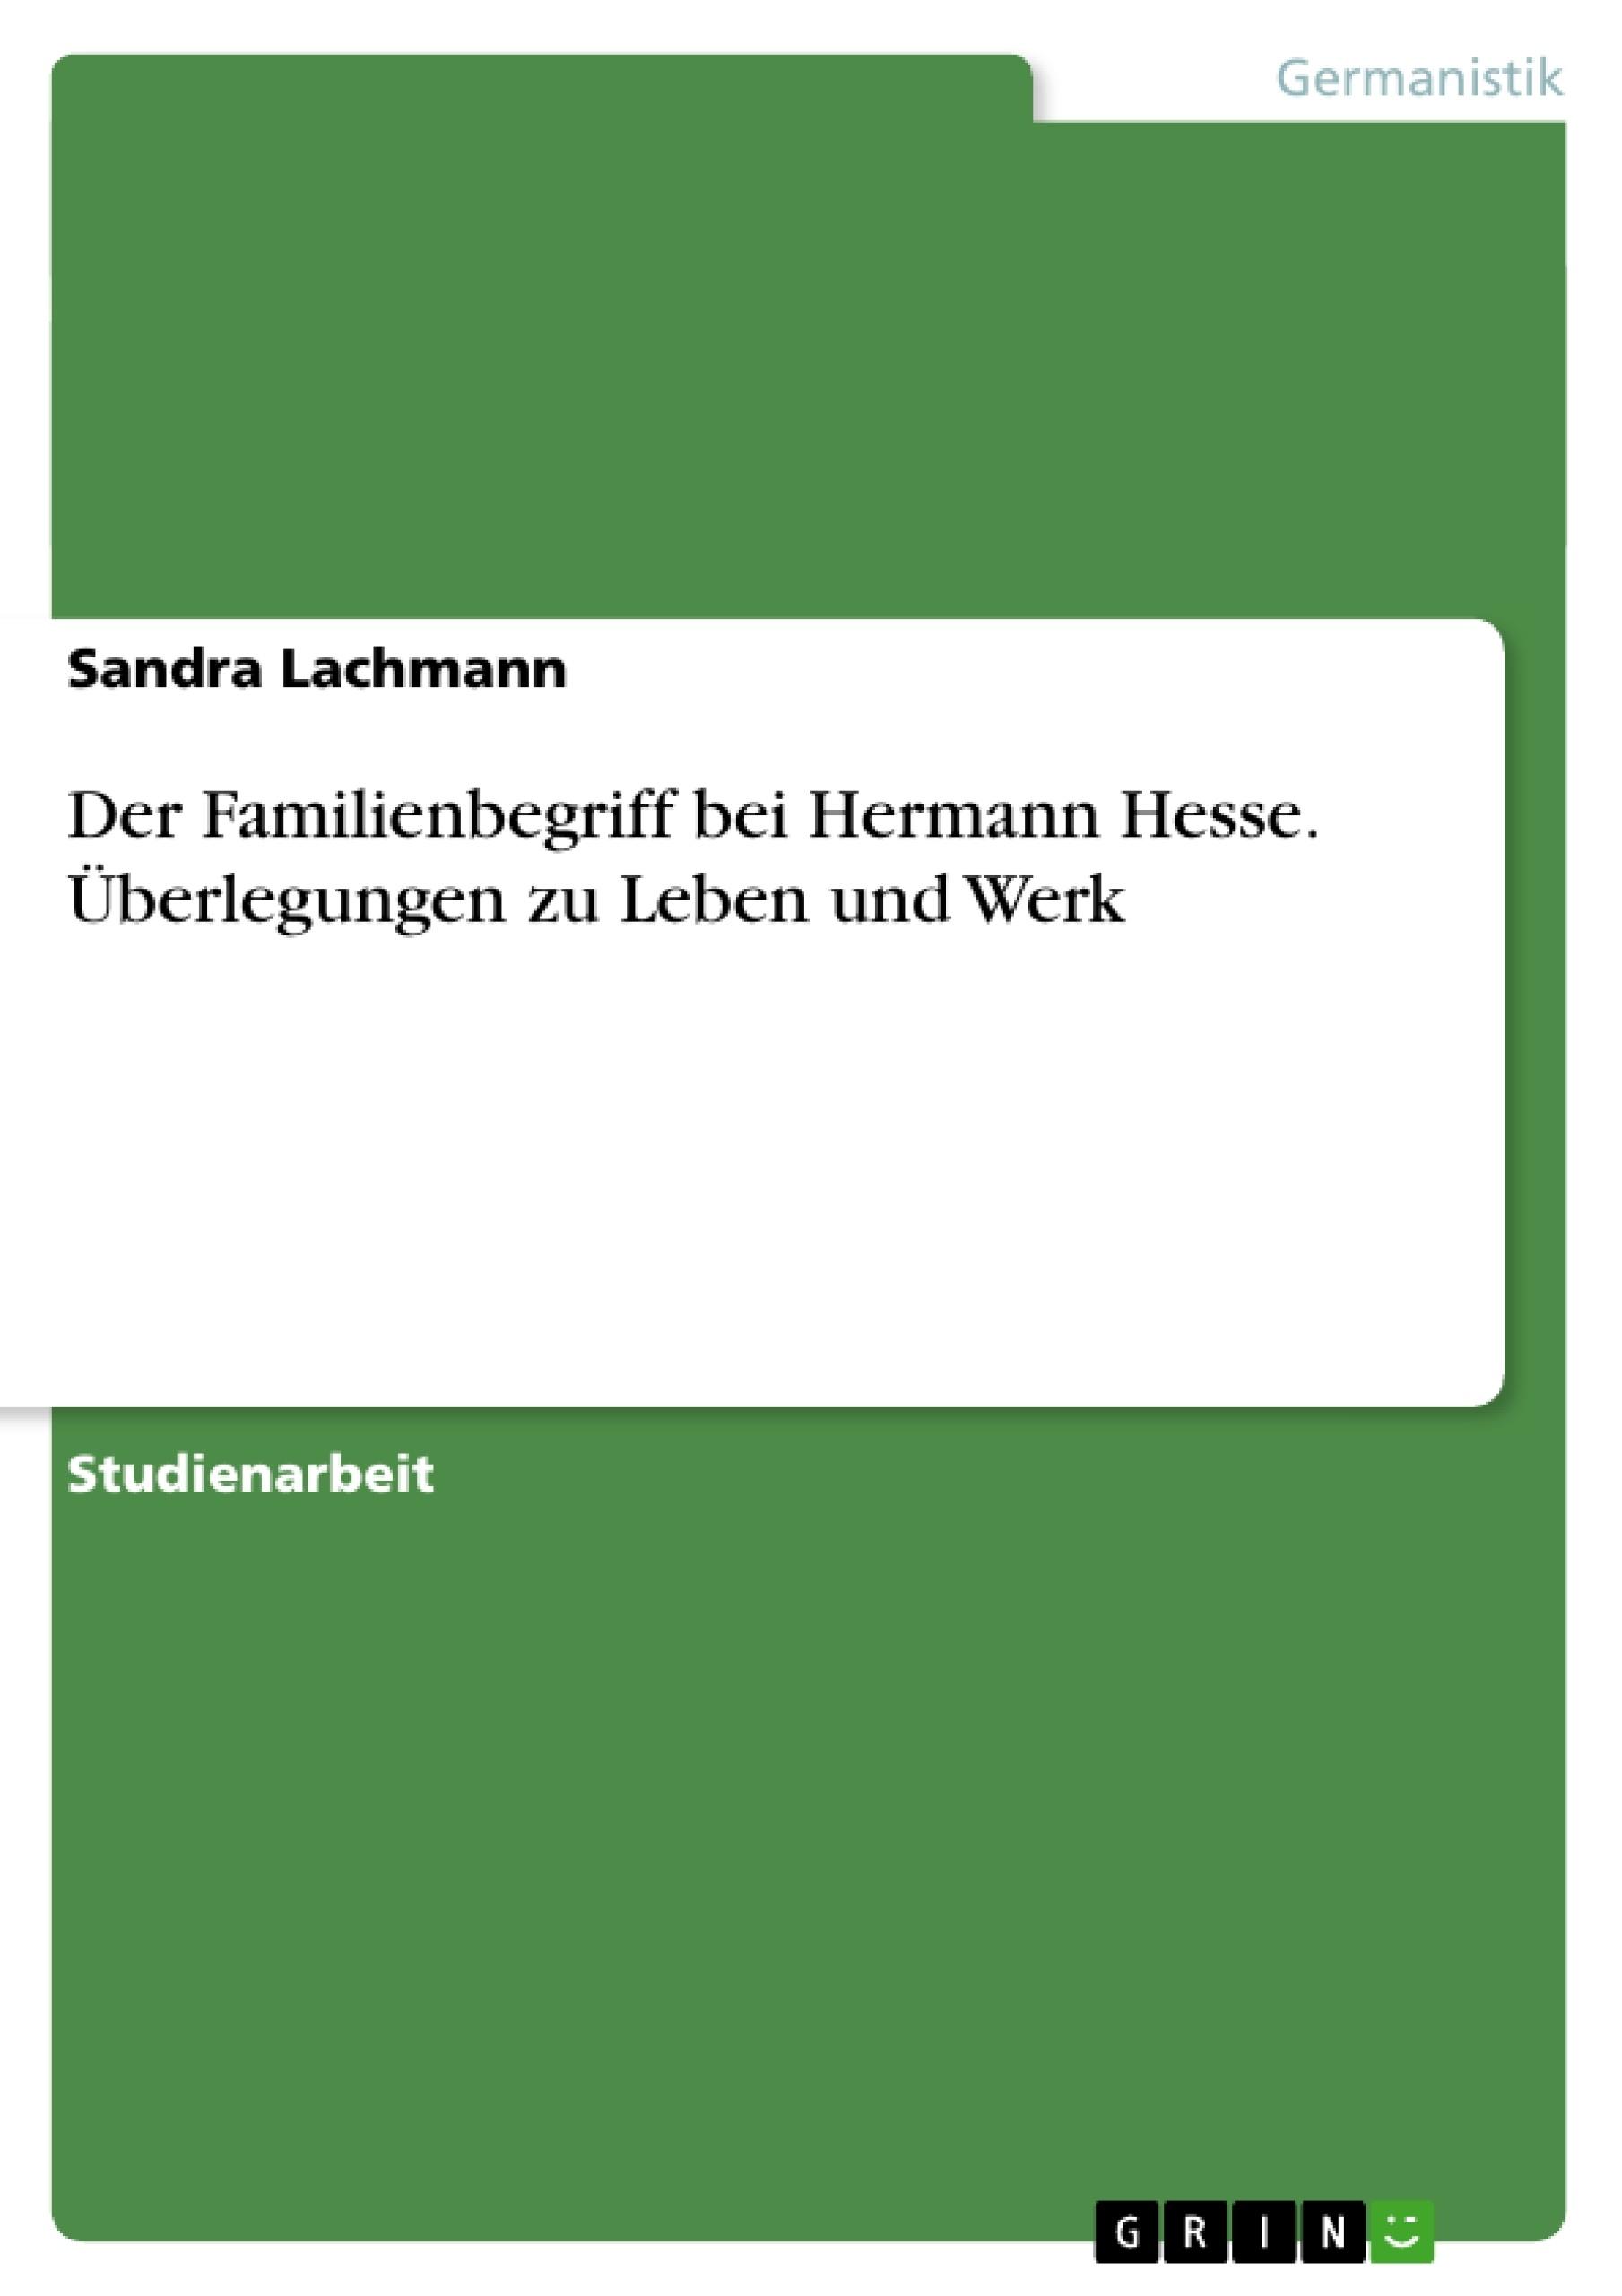 Titel: Der Familienbegriff bei Hermann Hesse. Überlegungen zu Leben und Werk